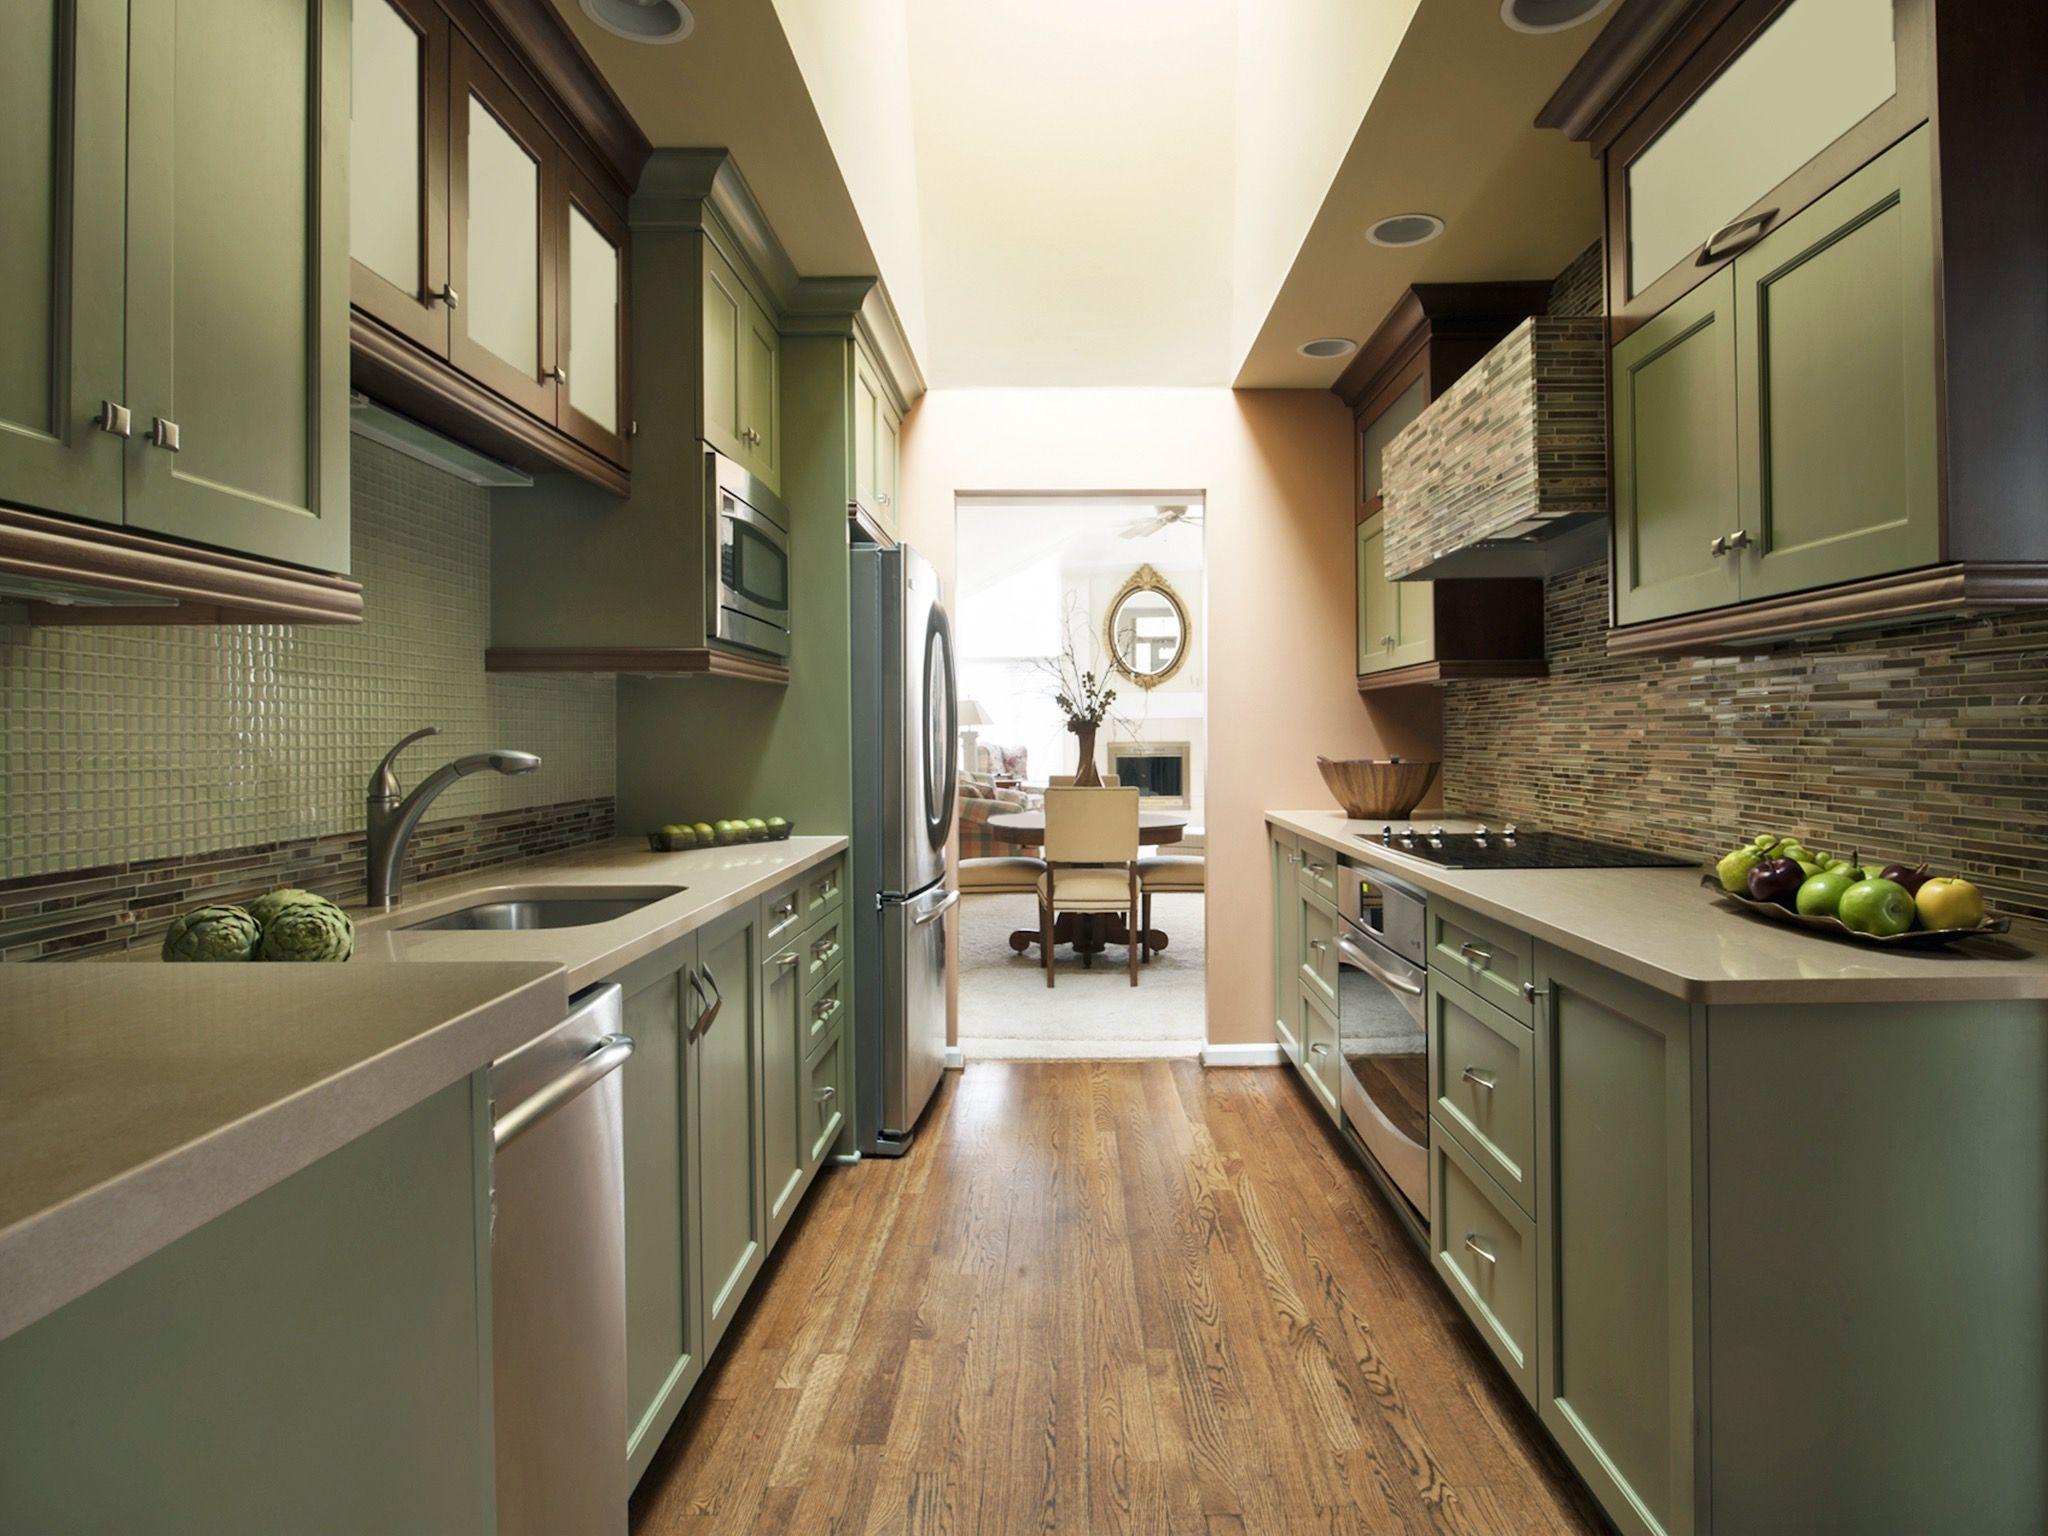 Ausgezeichnet Lange, Schmale Küche Renovieren Ideen Fotos - Küche ...